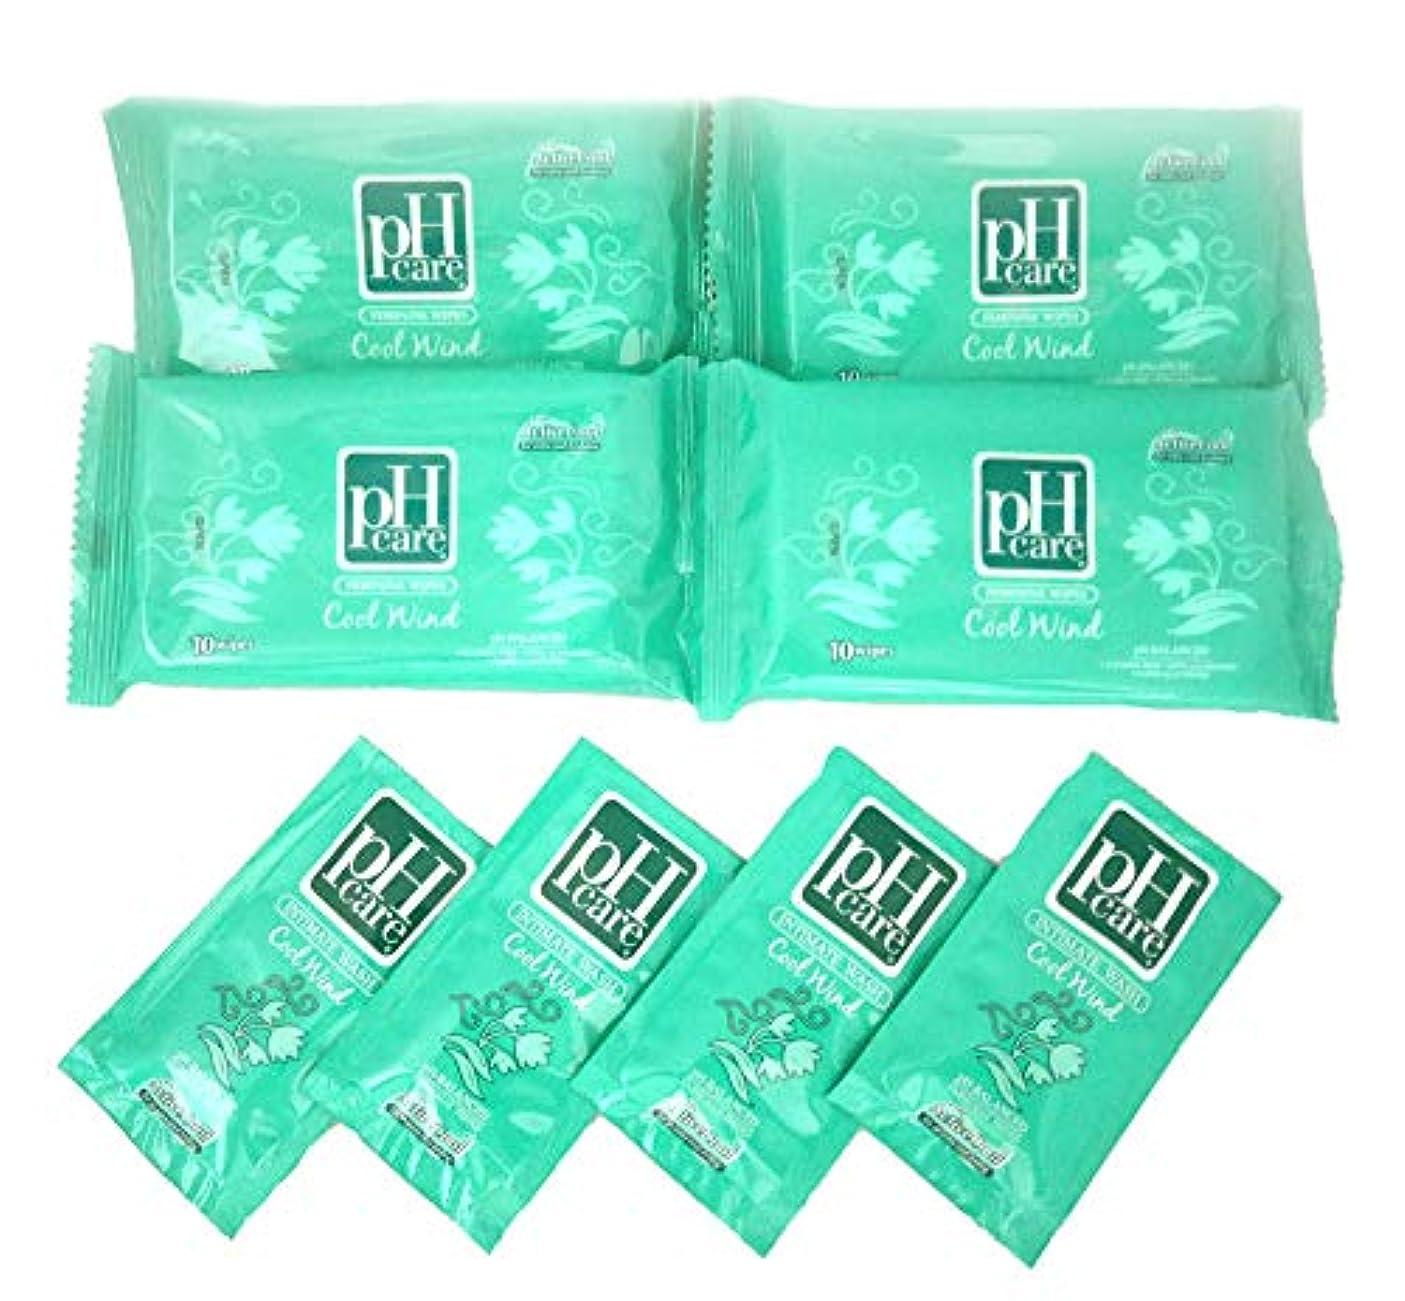 一定髄強調する(ピーエイチケア)pHcare フェミニンウェットシート クールウィンド 4袋 携帯パウチ 4袋 セット